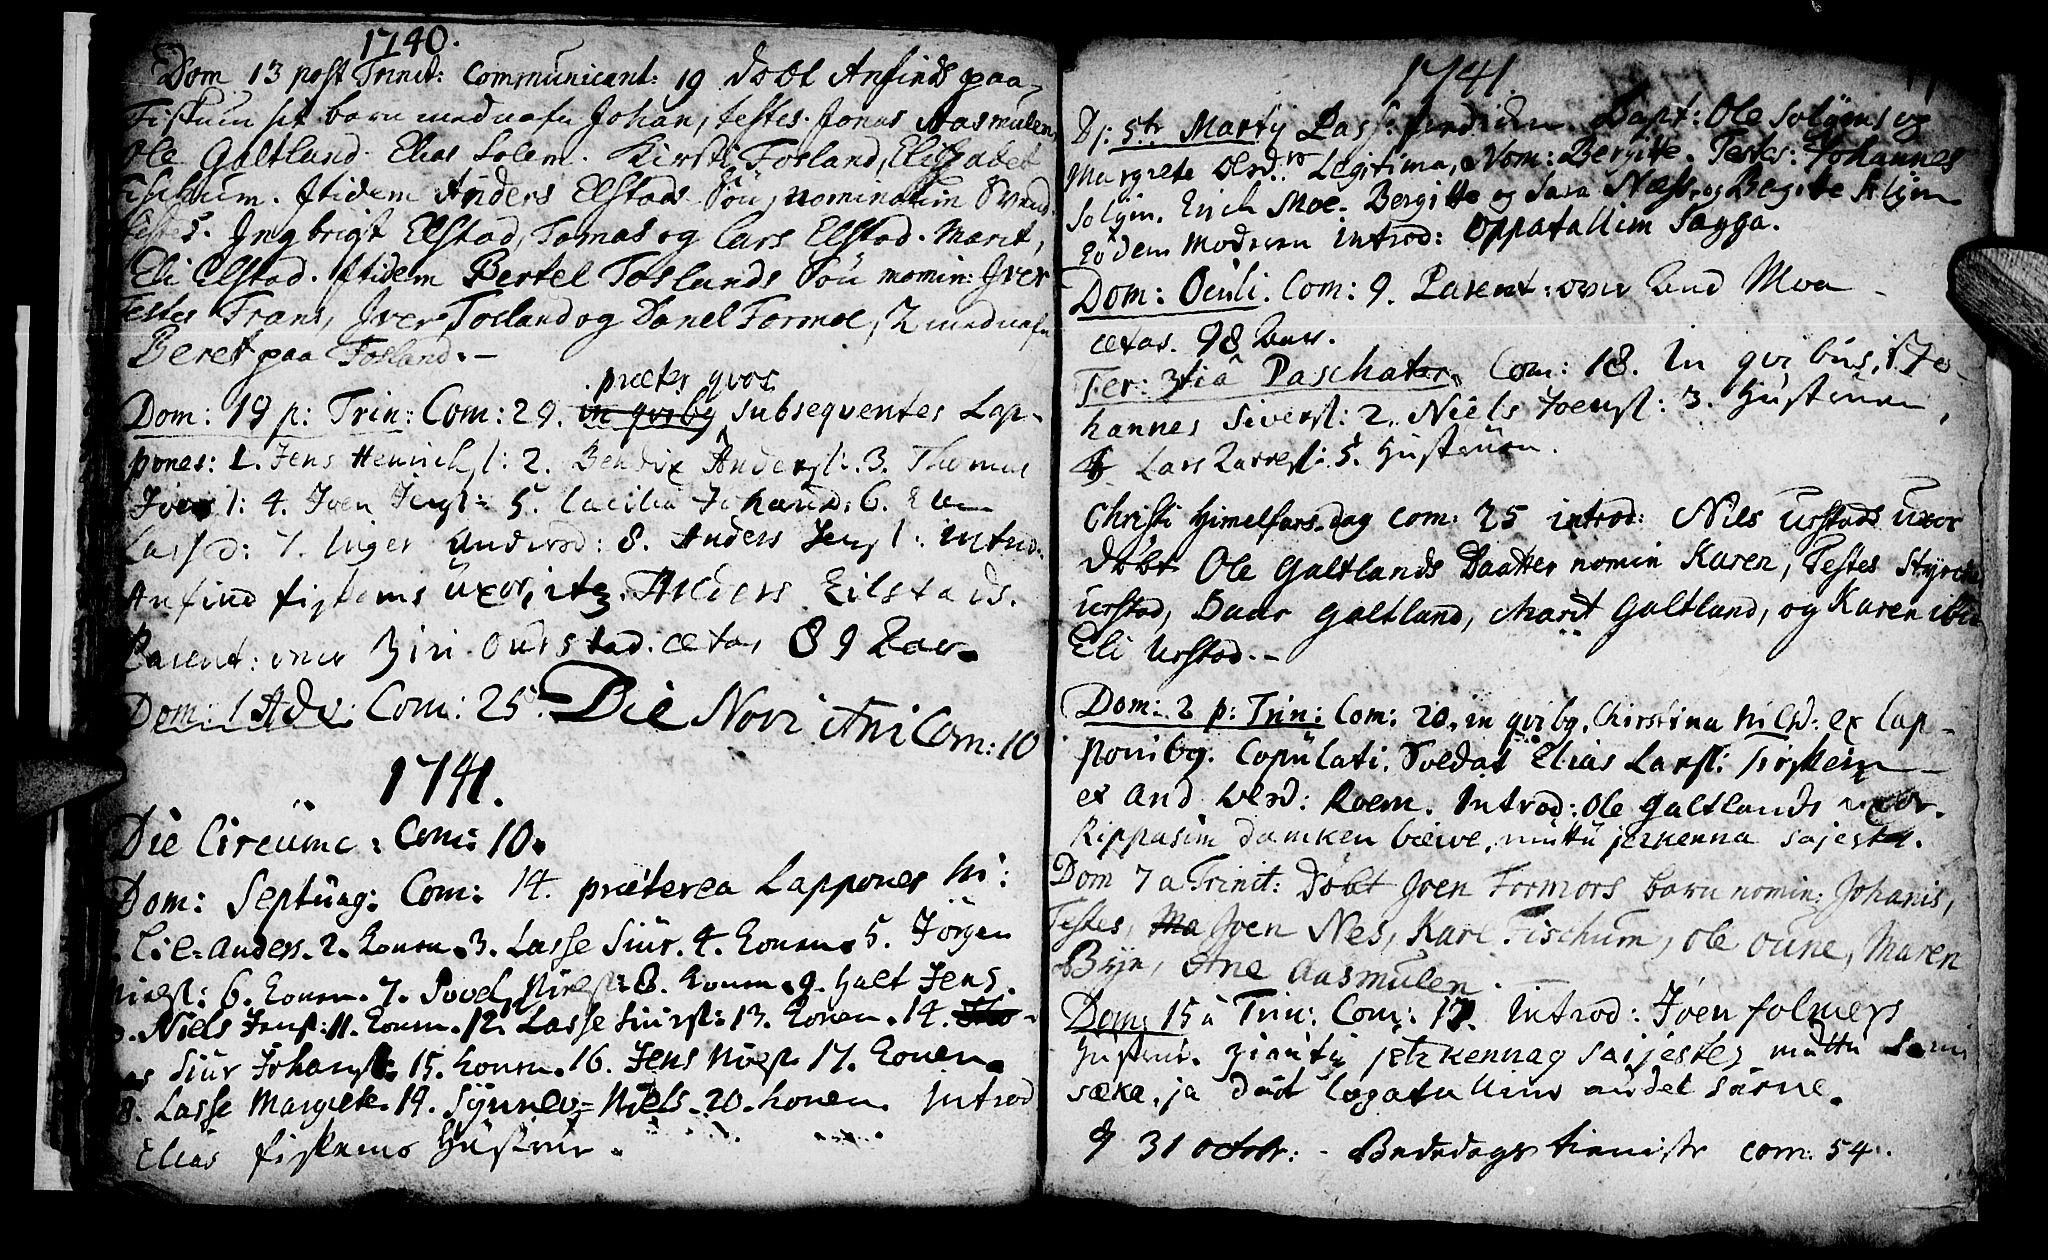 SAT, Ministerialprotokoller, klokkerbøker og fødselsregistre - Nord-Trøndelag, 759/L0525: Ministerialbok nr. 759A01, 1706-1748, s. 17